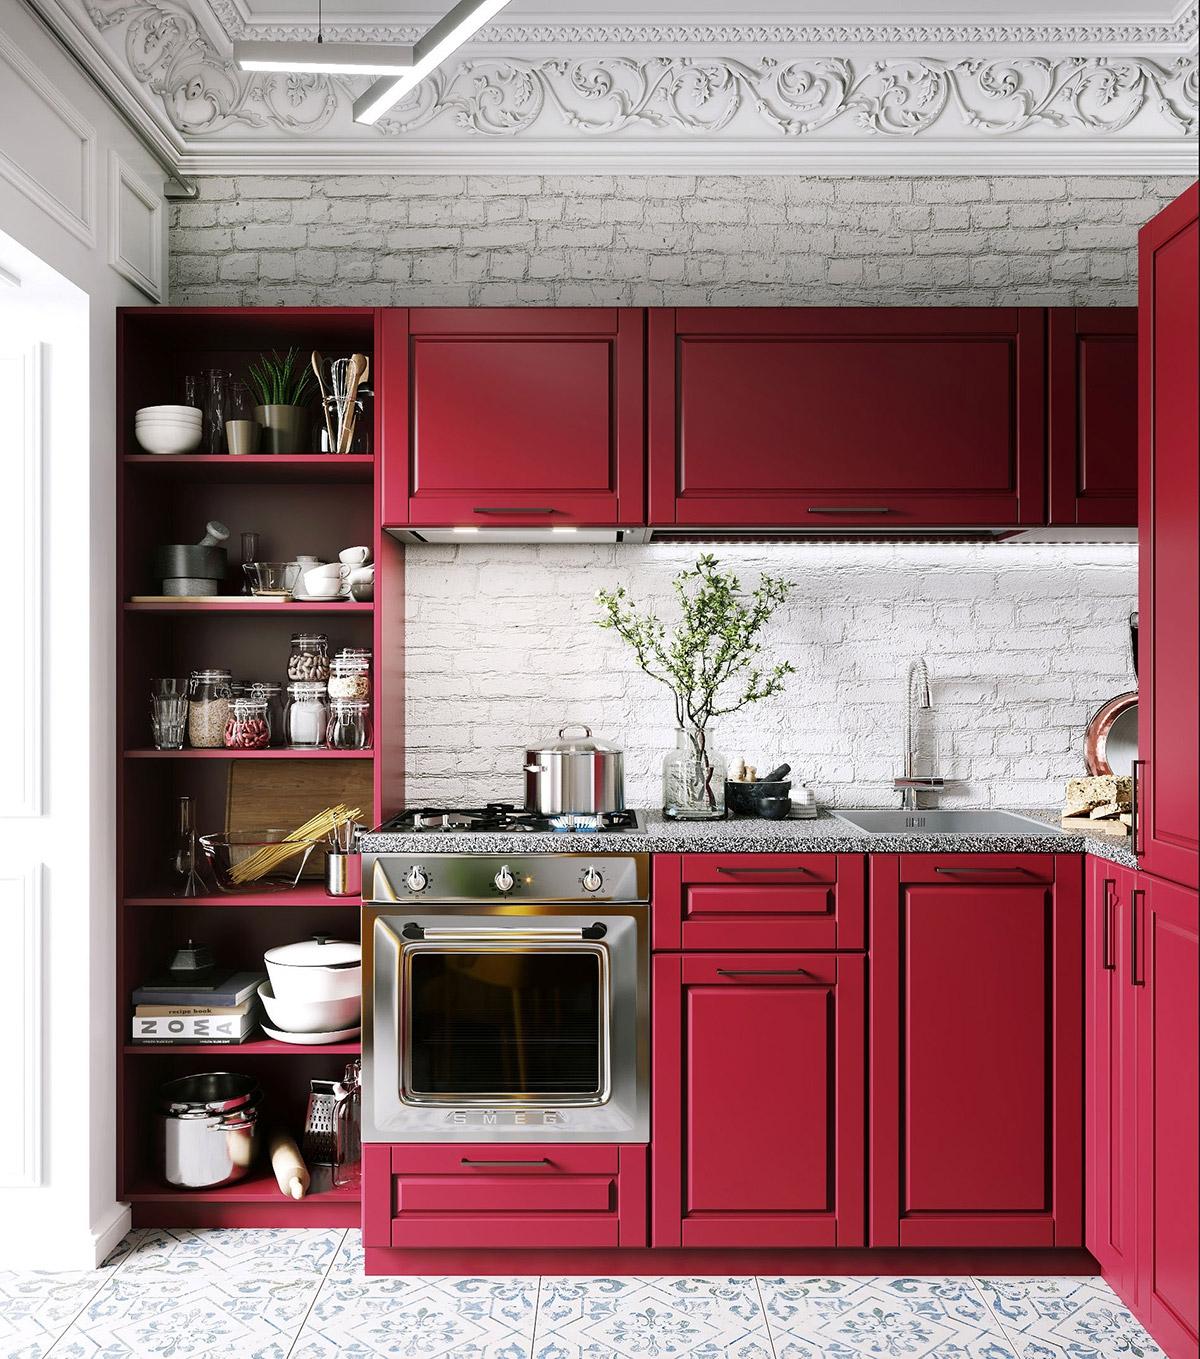 Tham khảo các thiết kế nhà bếp 'chơi trội' với màu 'nóng' - Ảnh 11